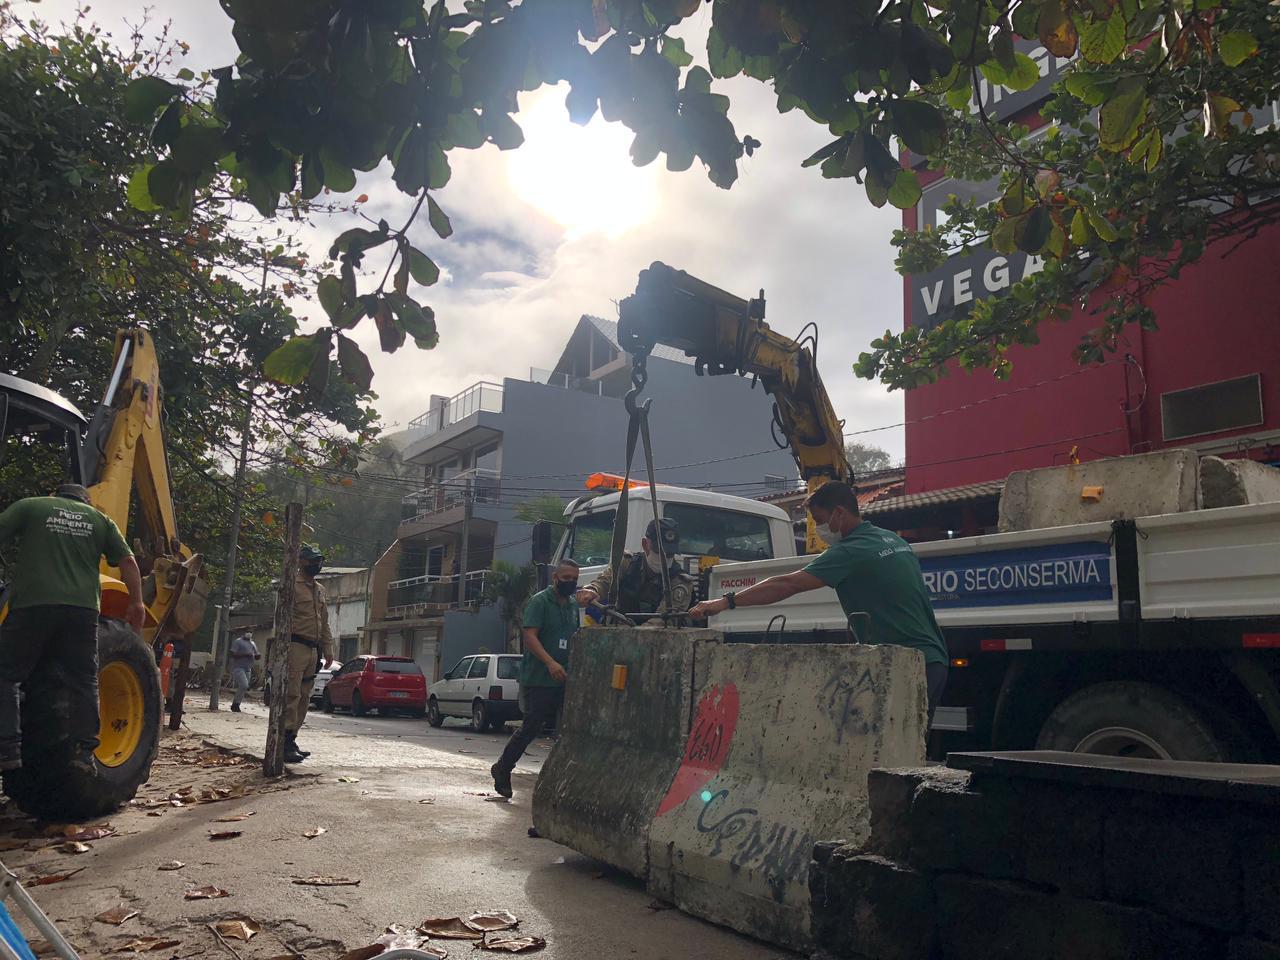 Construções irregulares são demolidas pela prefeitura na Zona Oeste